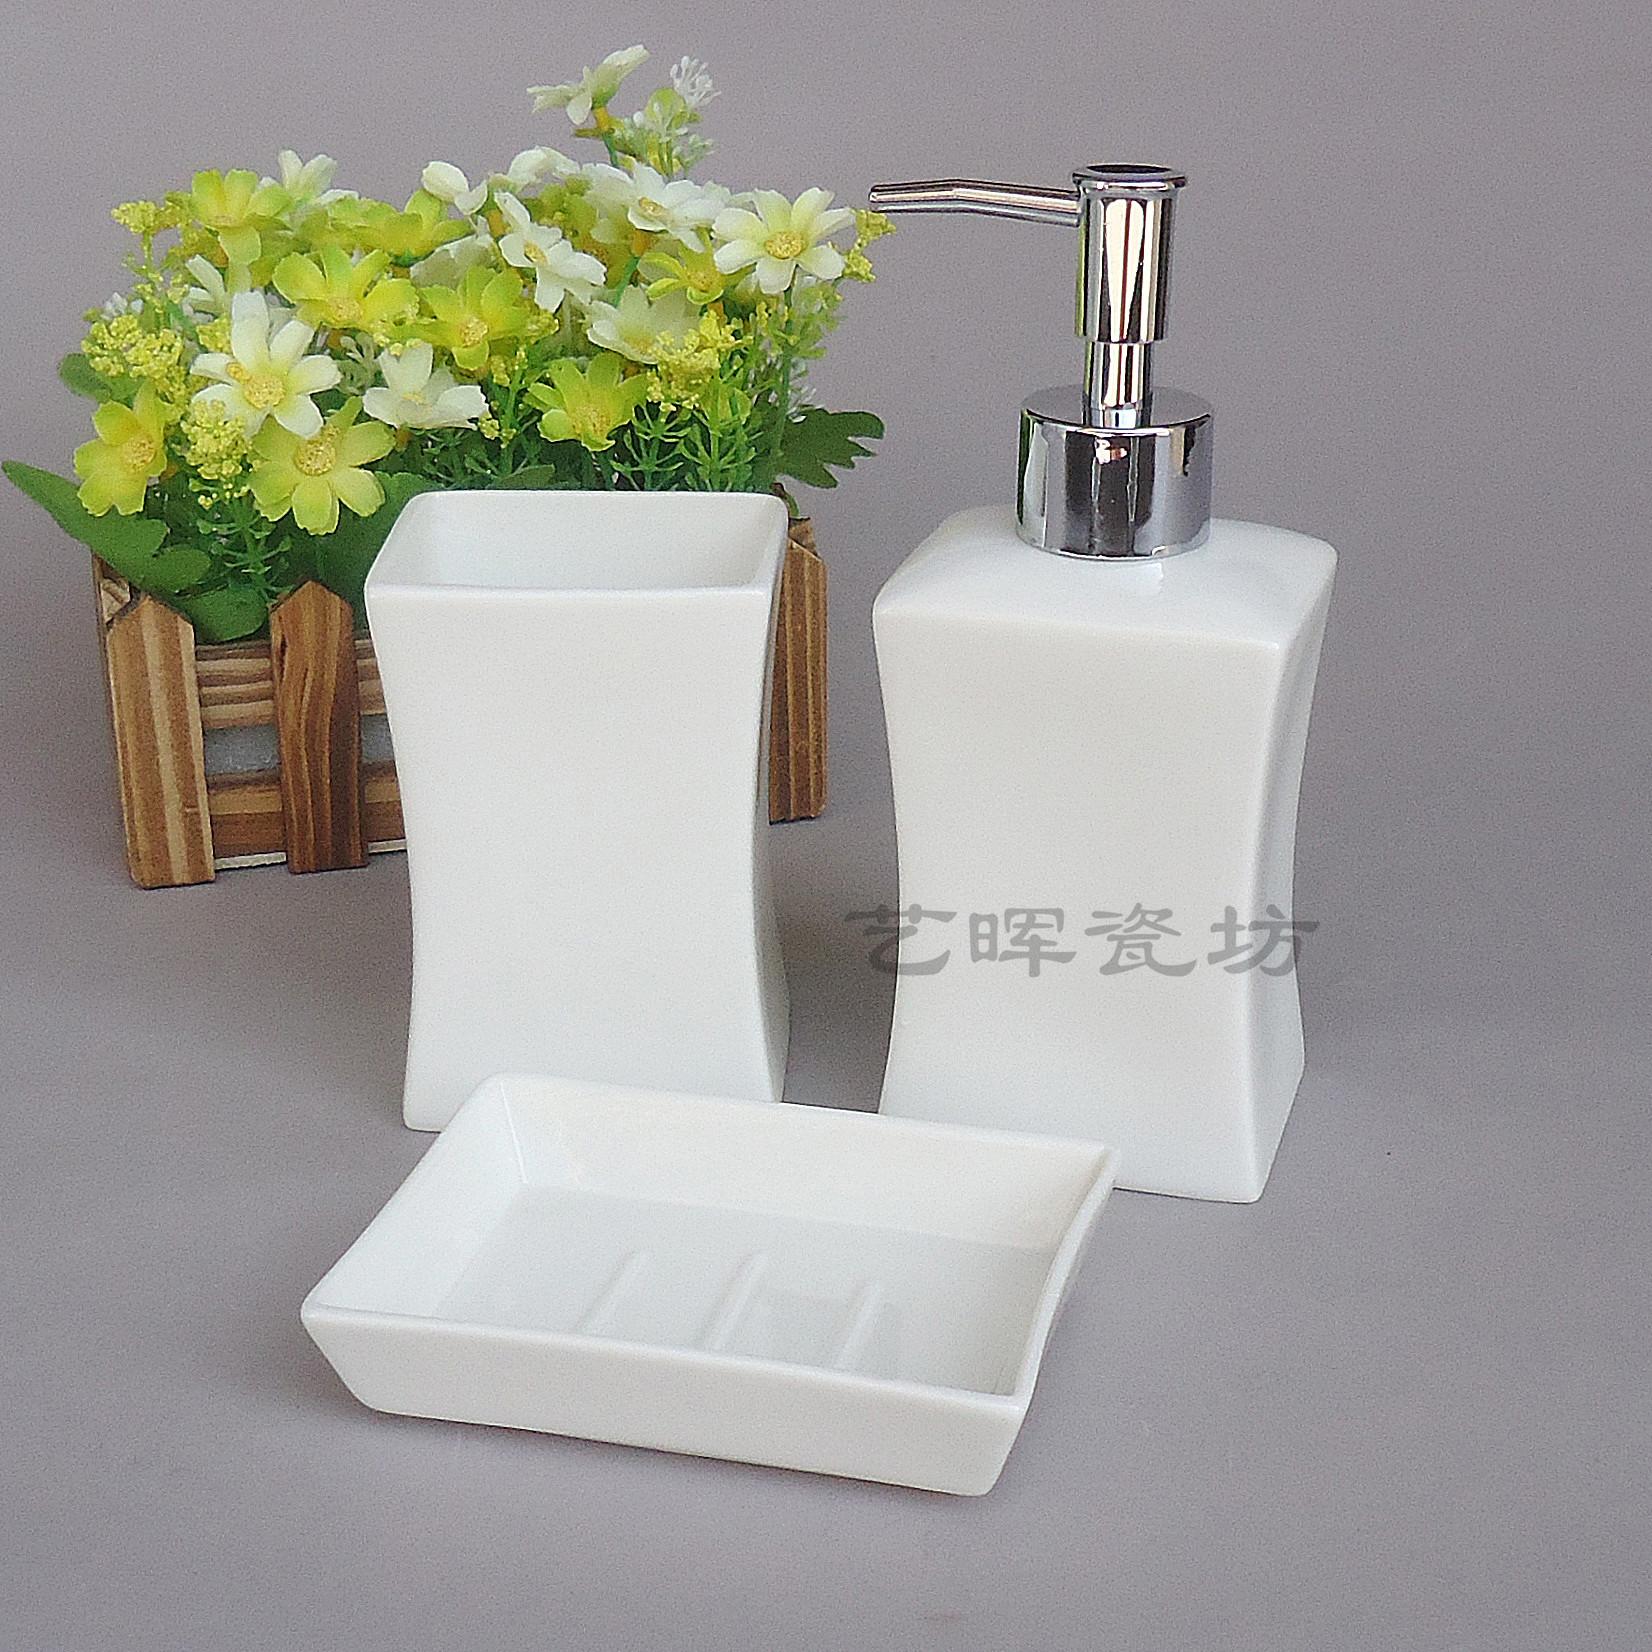 Установка ванной ванной набор ванной керамическая лосьон бутылки Стоматологическая Люкс